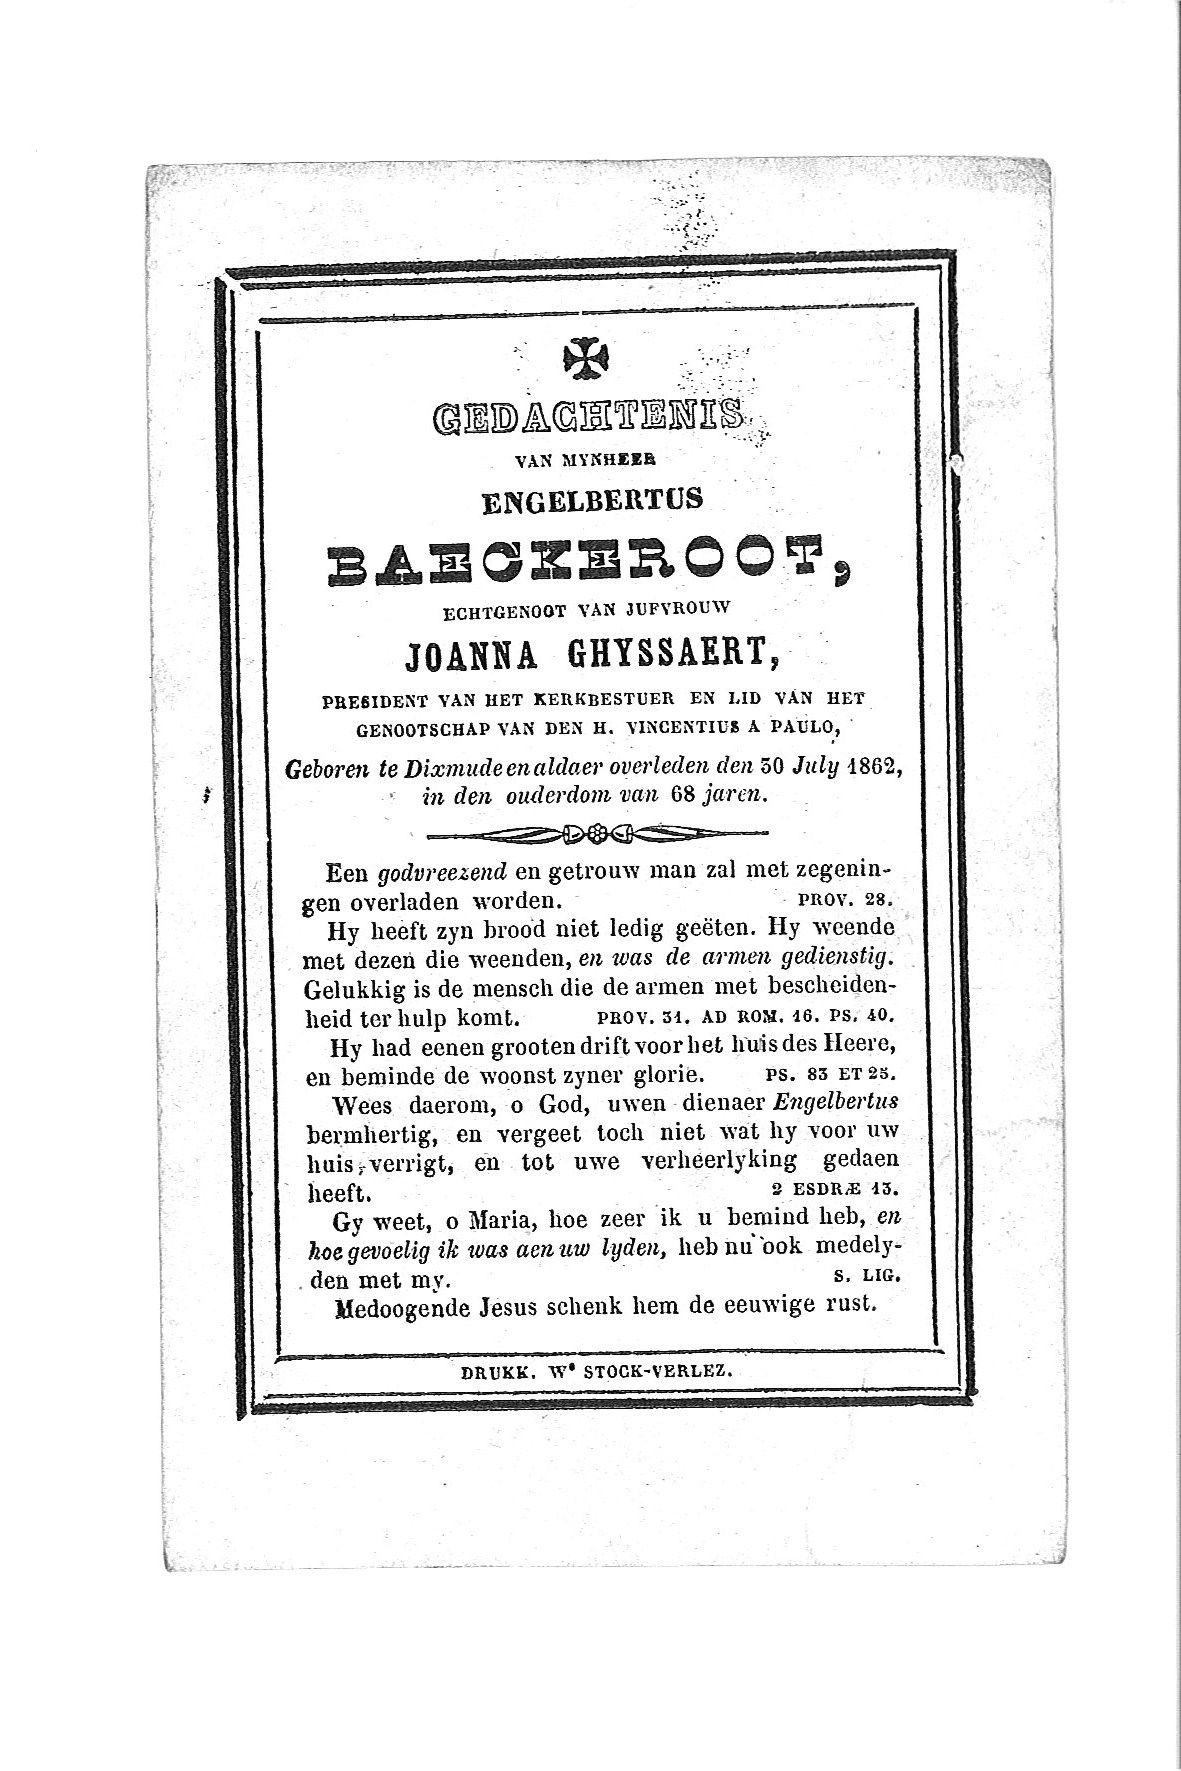 engelbertus(1863)20090507113638_00002.jpg